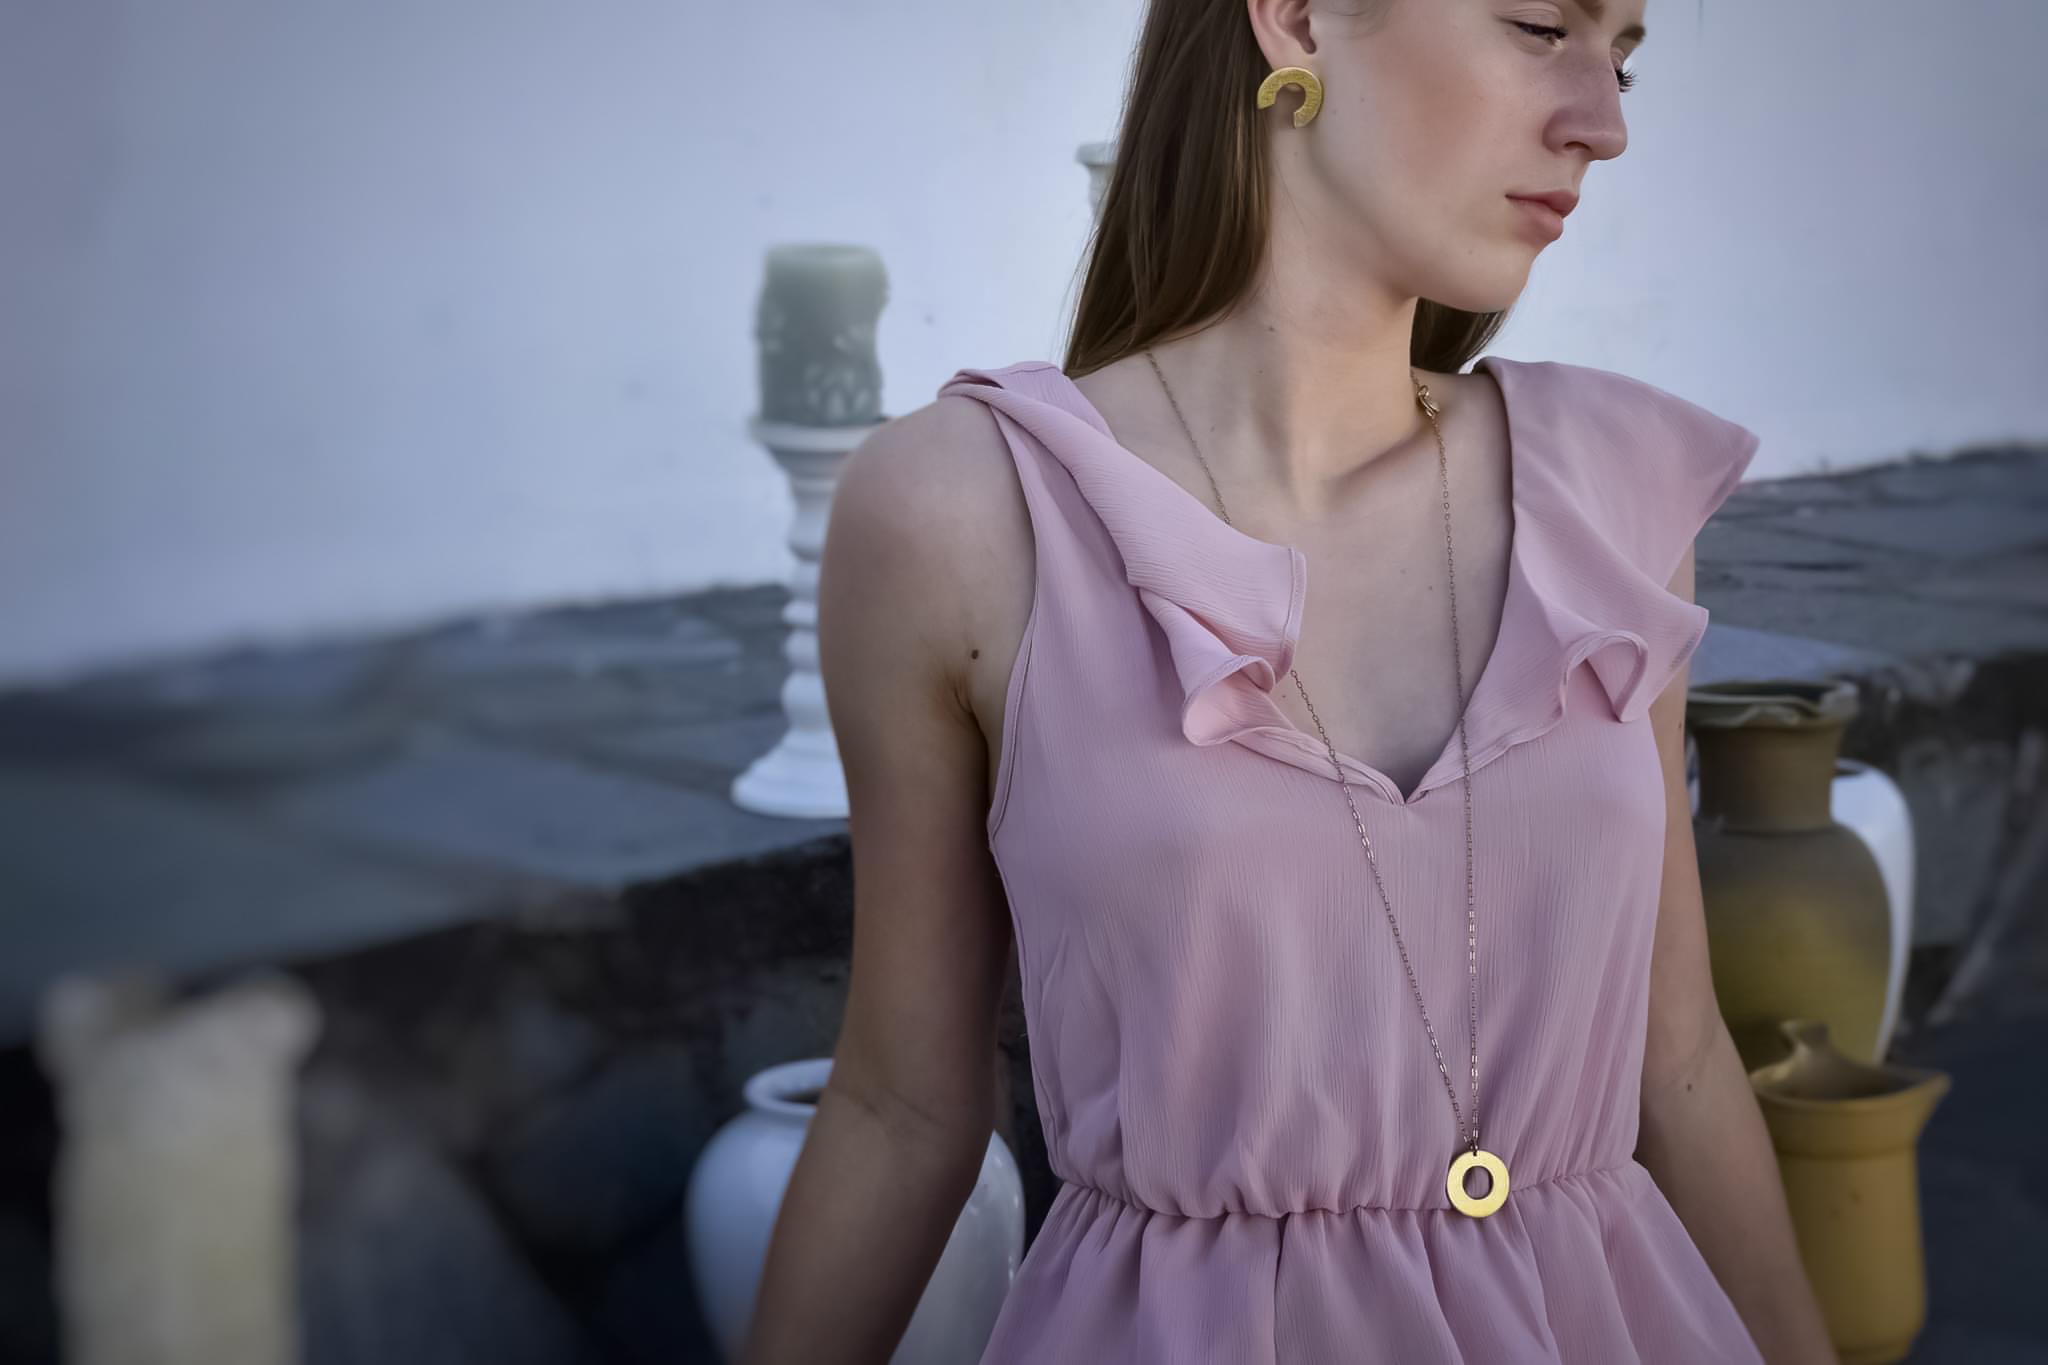 bizuetria_handmade_wyjątkowoa_biżuteria